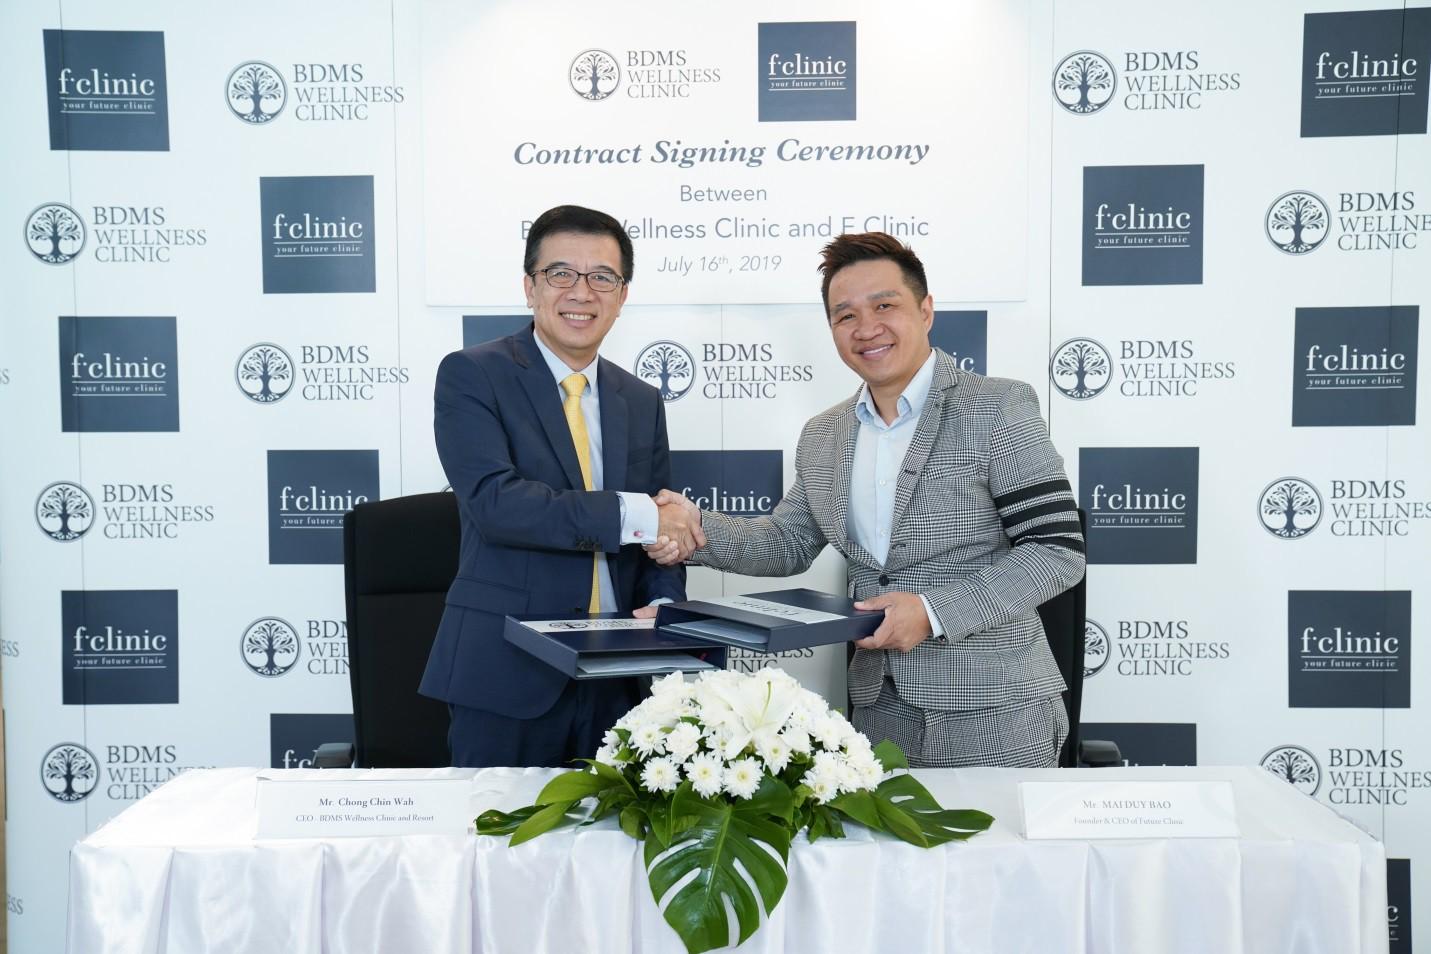 Future Clinic kết hợp BDMS Wellness Clinic Thái Lan đưa khoa học sức khỏe lên tầm tiêu chuẩn quốc tế - Ảnh 2.